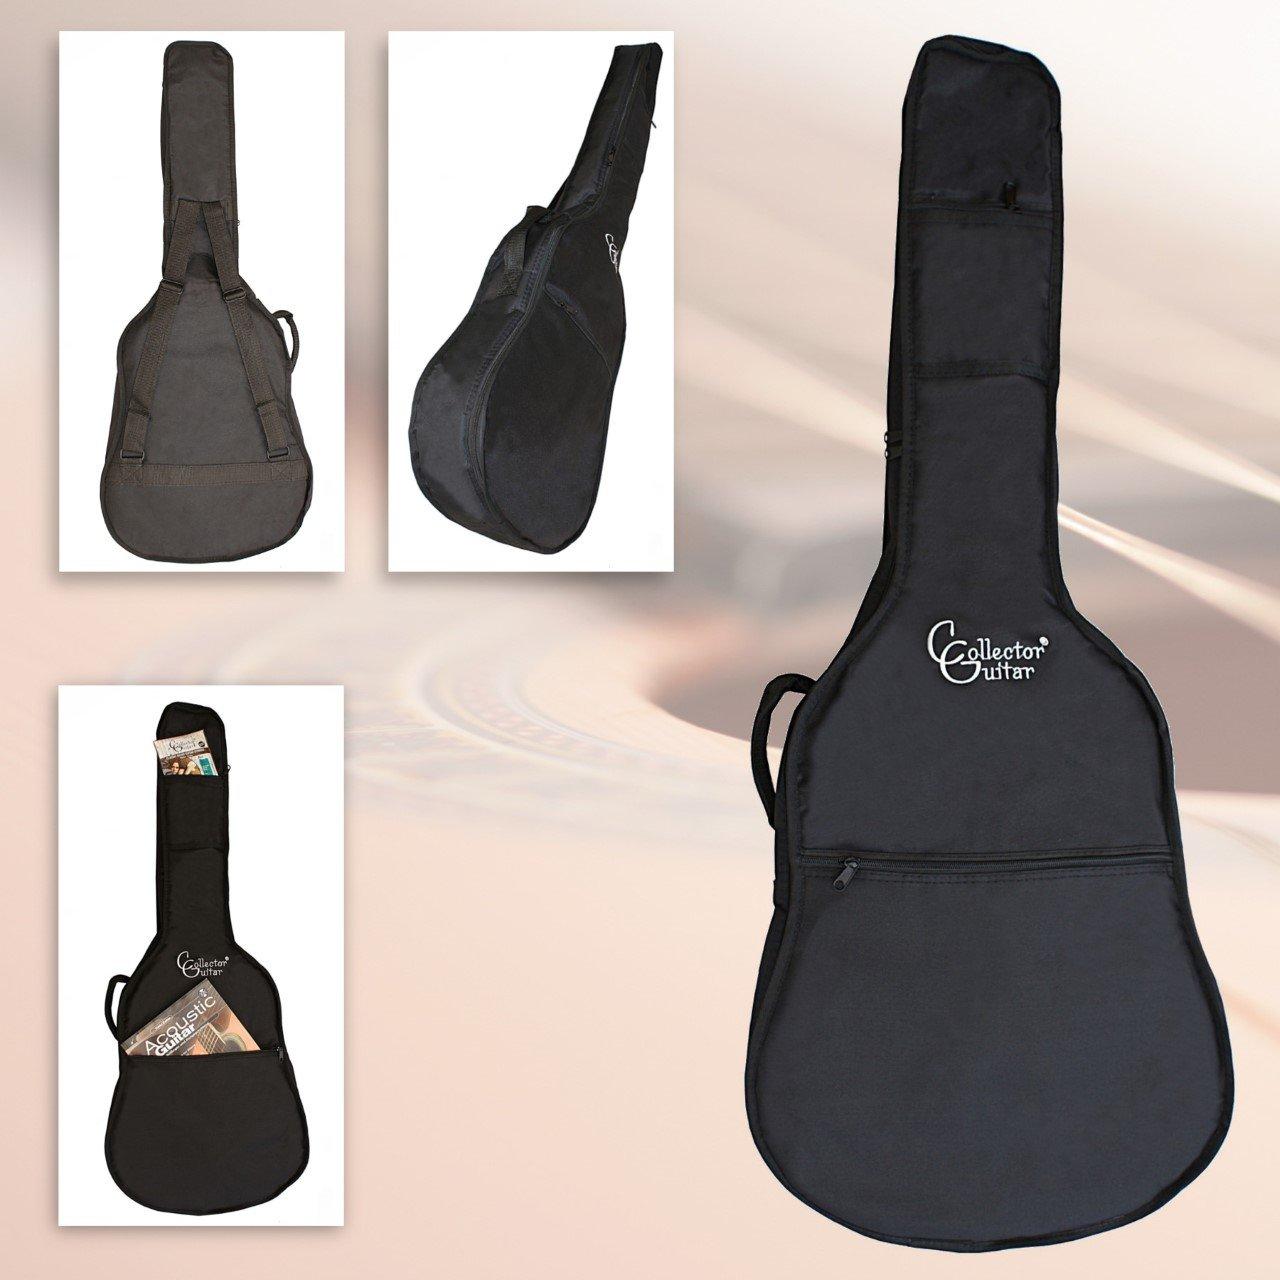 Collect orguitar Custodia per chitarra custodia imbottita foderato/imbottita per chitarra da concerto/Chitarra classica in 3/4misura Alneo GmbH